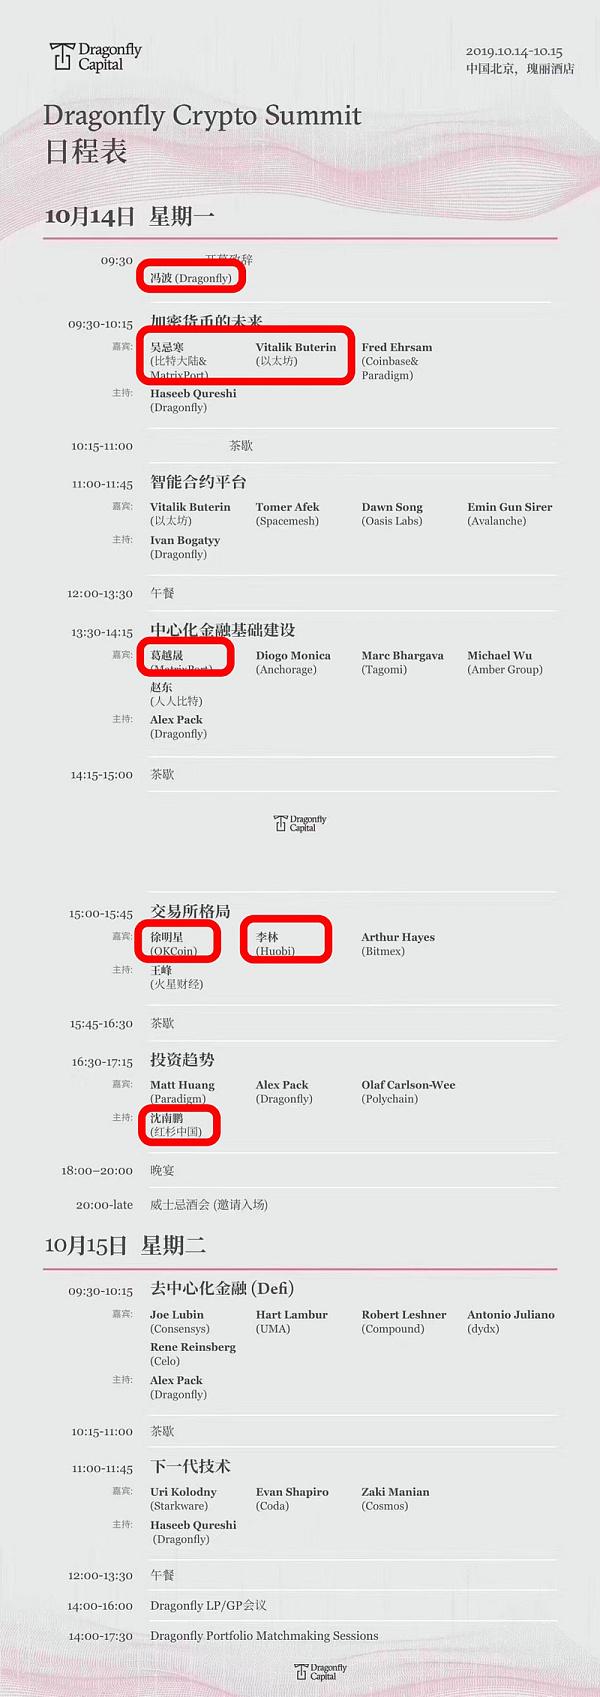 沈南鹏、王兴+V 神,这个组合今天刷屏了